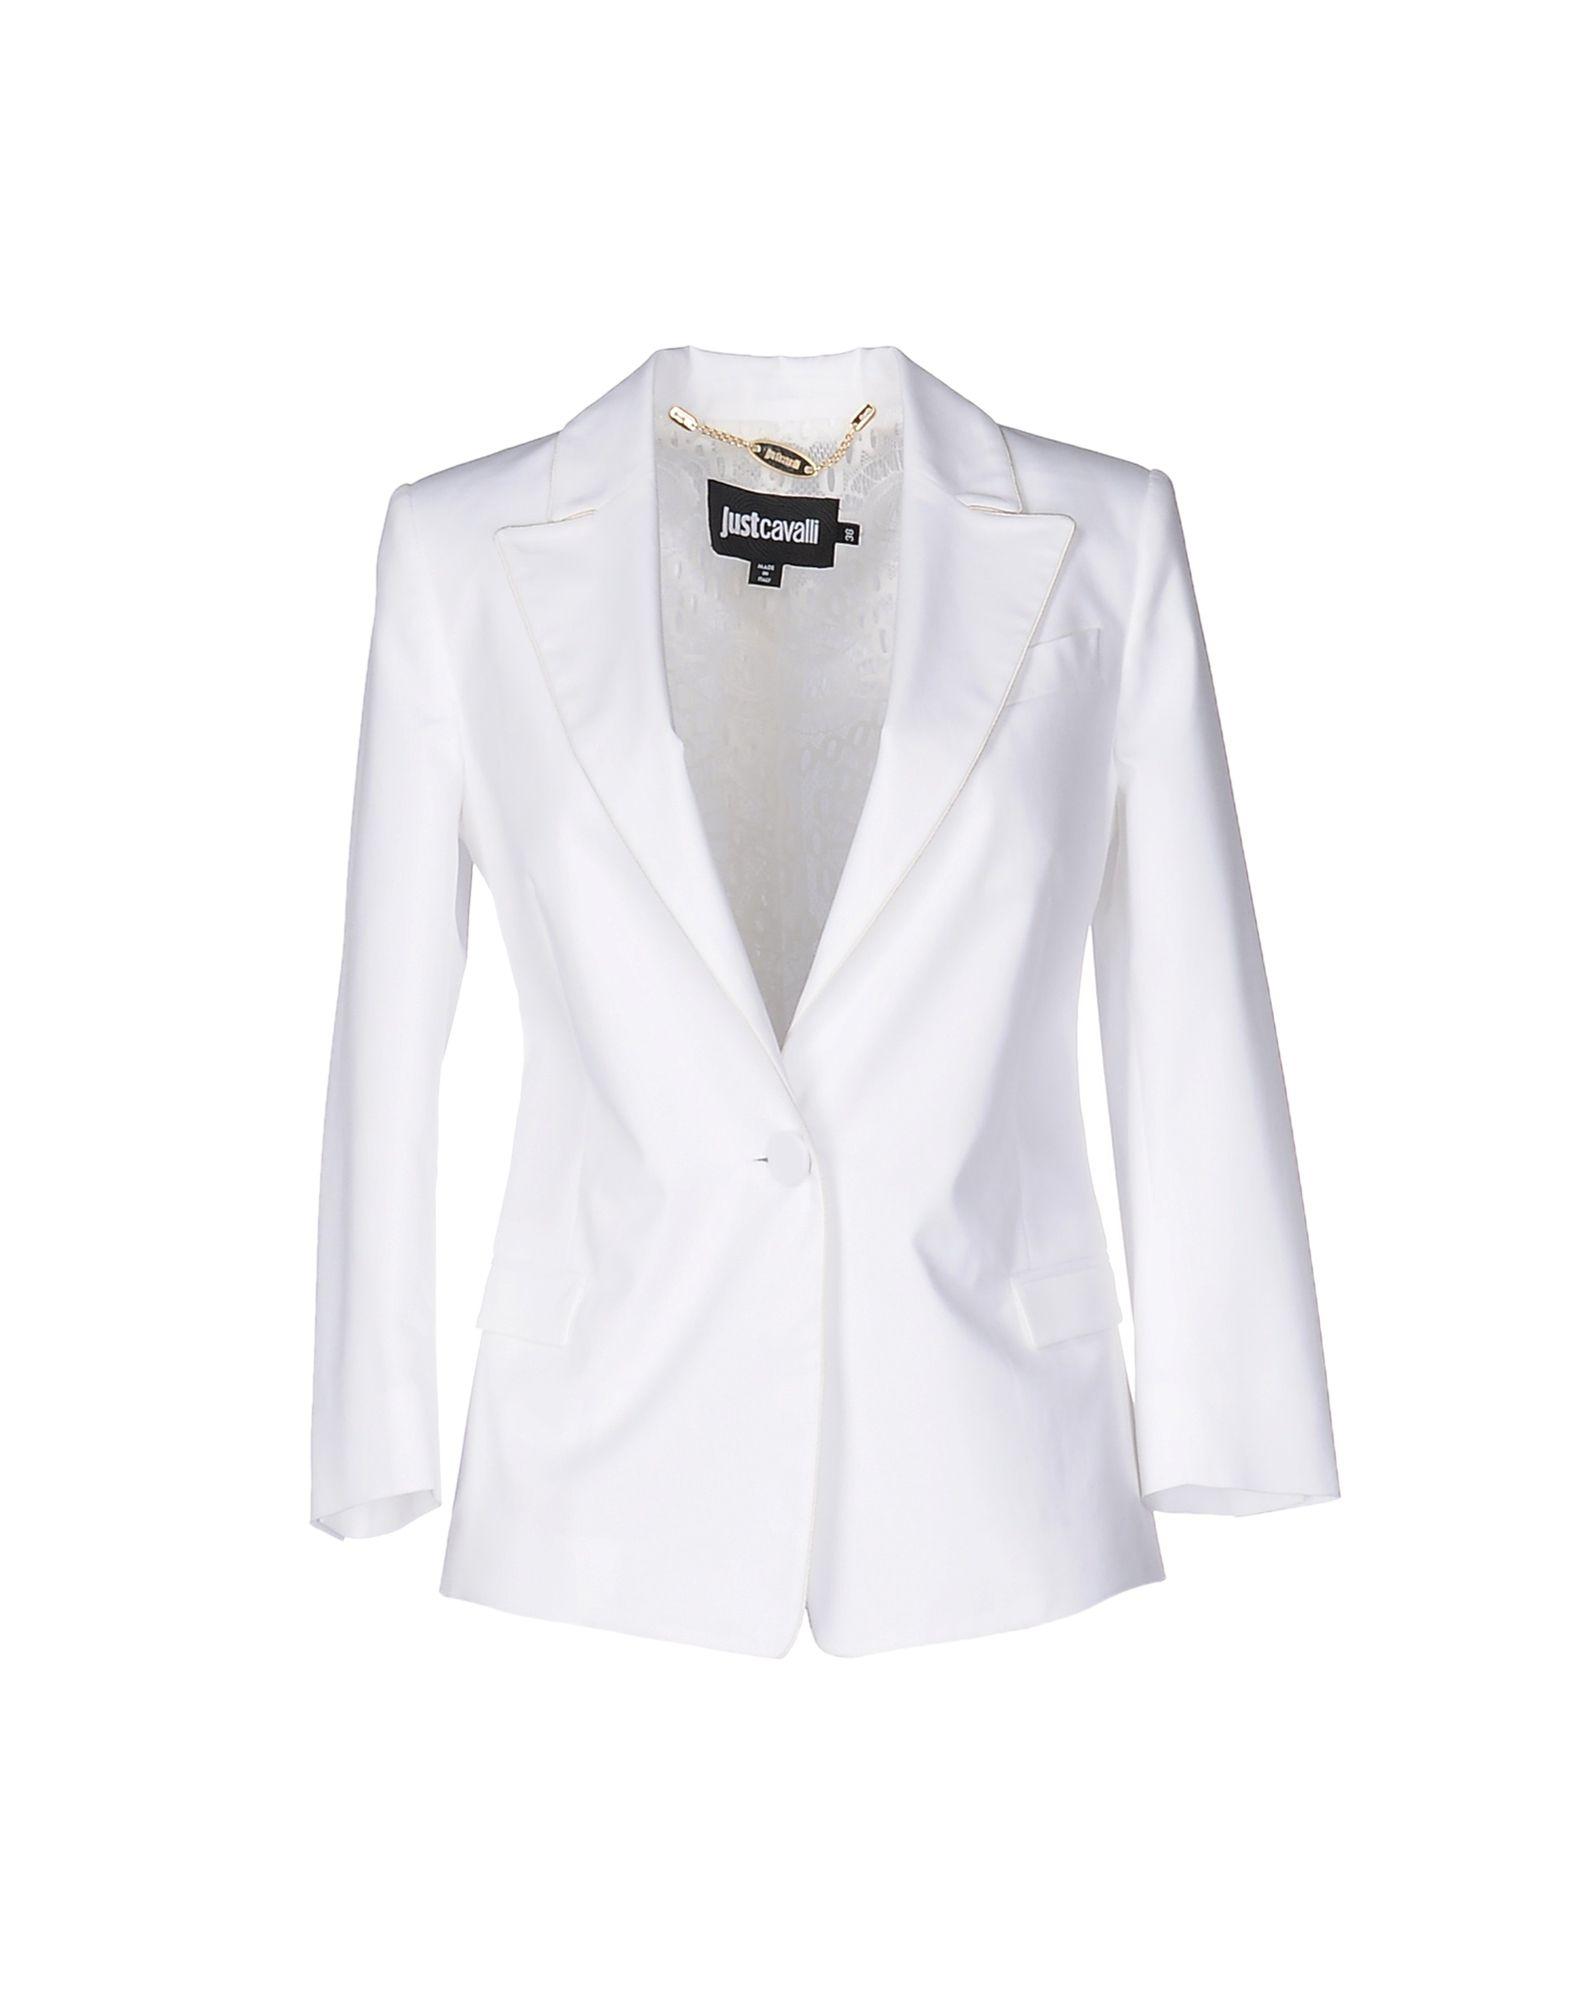 JUST CAVALLI Damen Jackett Farbe Weiß Größe 3